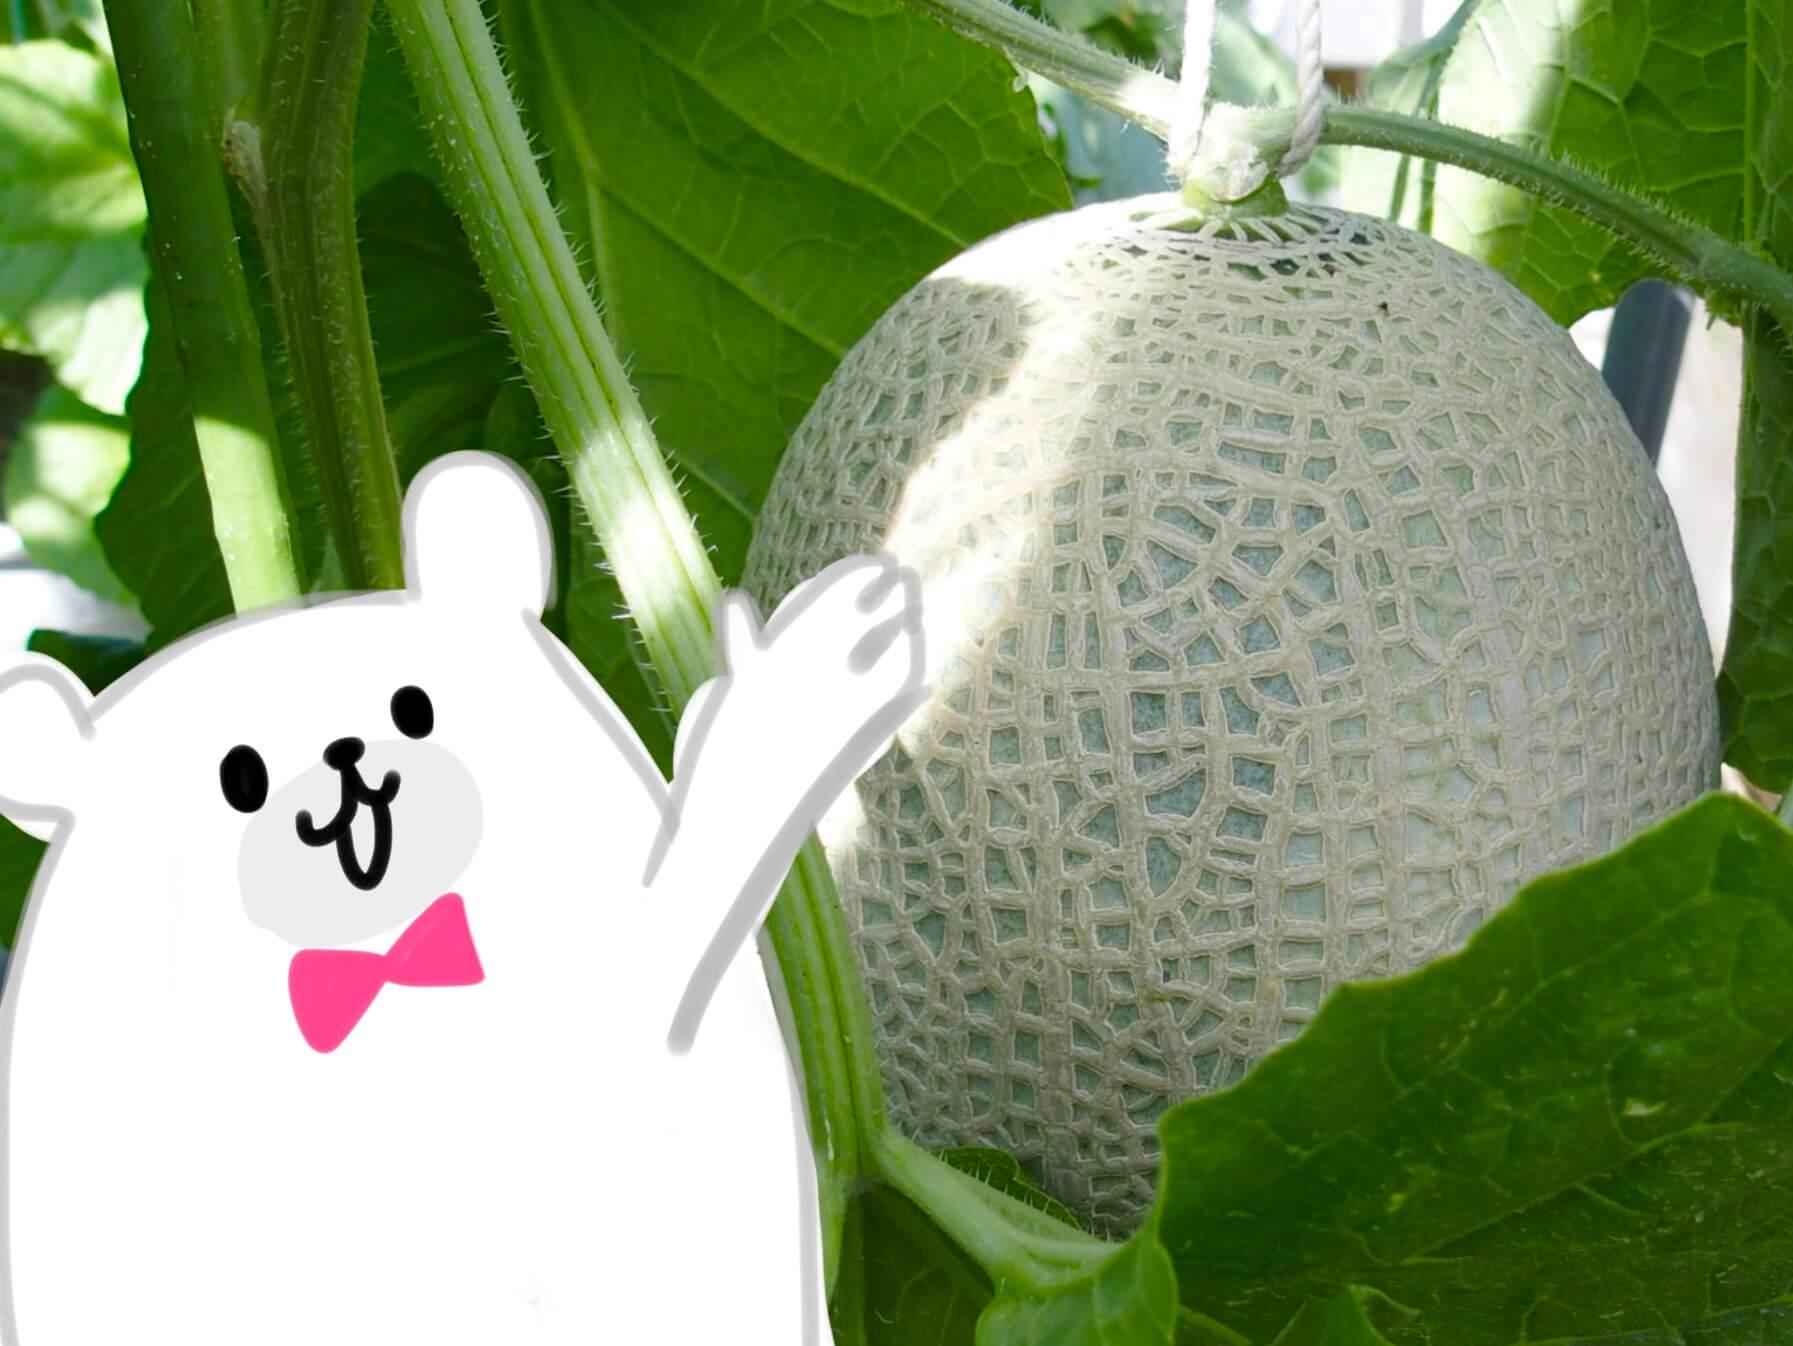 【千葉・富津】モリタ農園のVIPもメロメロなマスクメロンについて聞いてきた!&食べてみた!